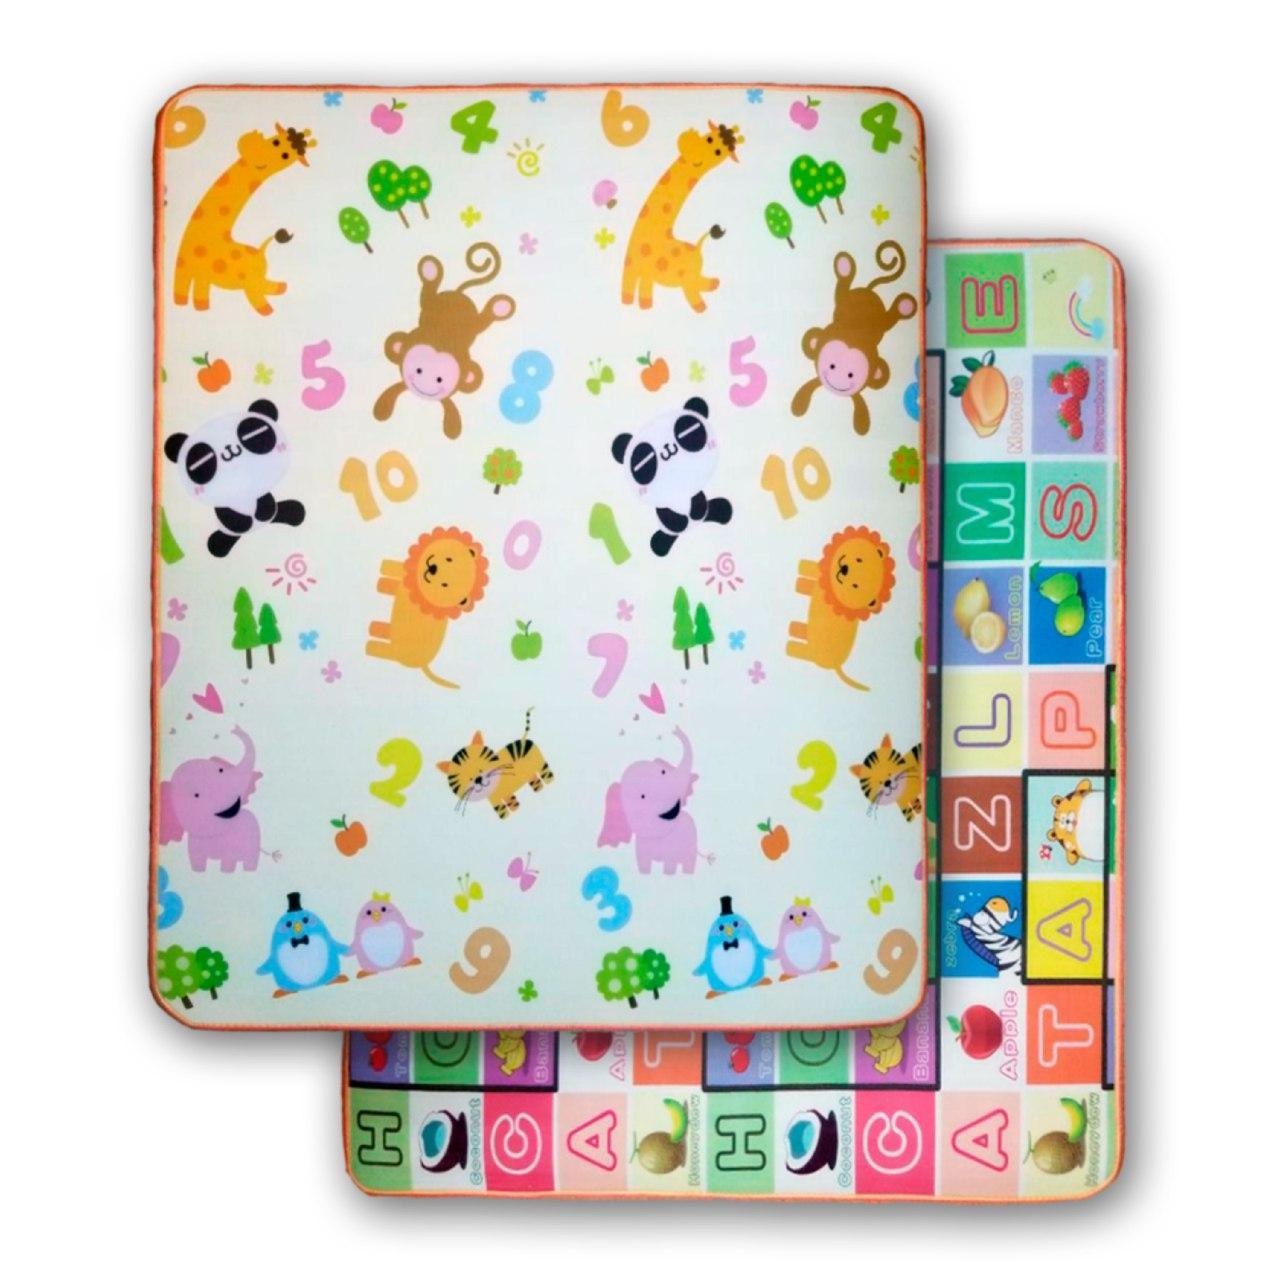 Развивающий двухстронний детский игровой термо коврик для ползания  1500*1800*10